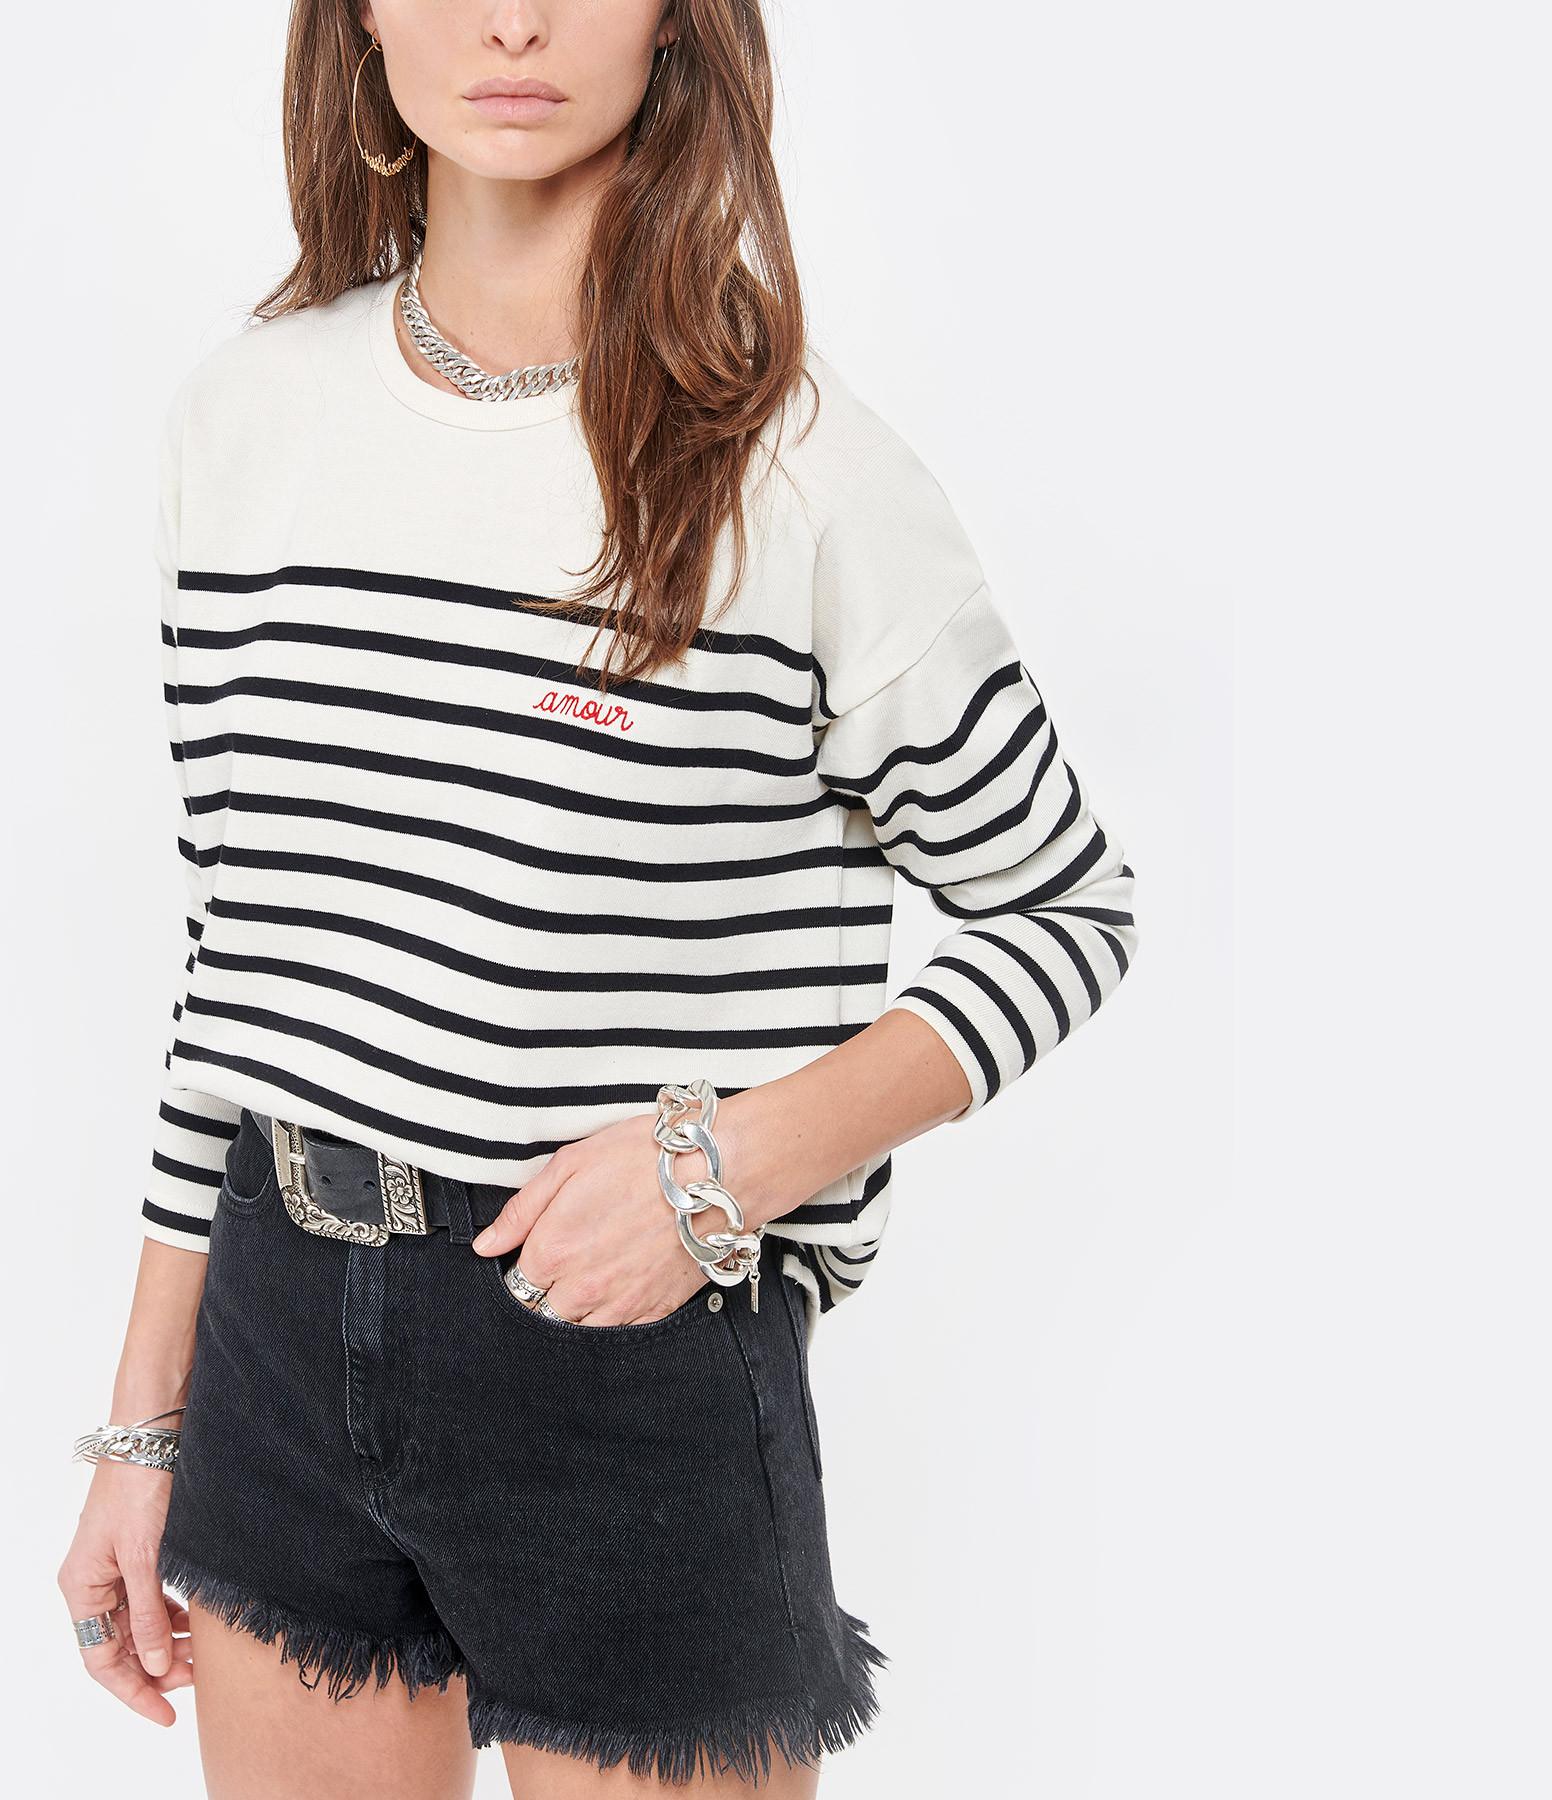 MAISON LABICHE - Tee-shirt Cool Sailor Amour Coton Bio Ivoire Noir